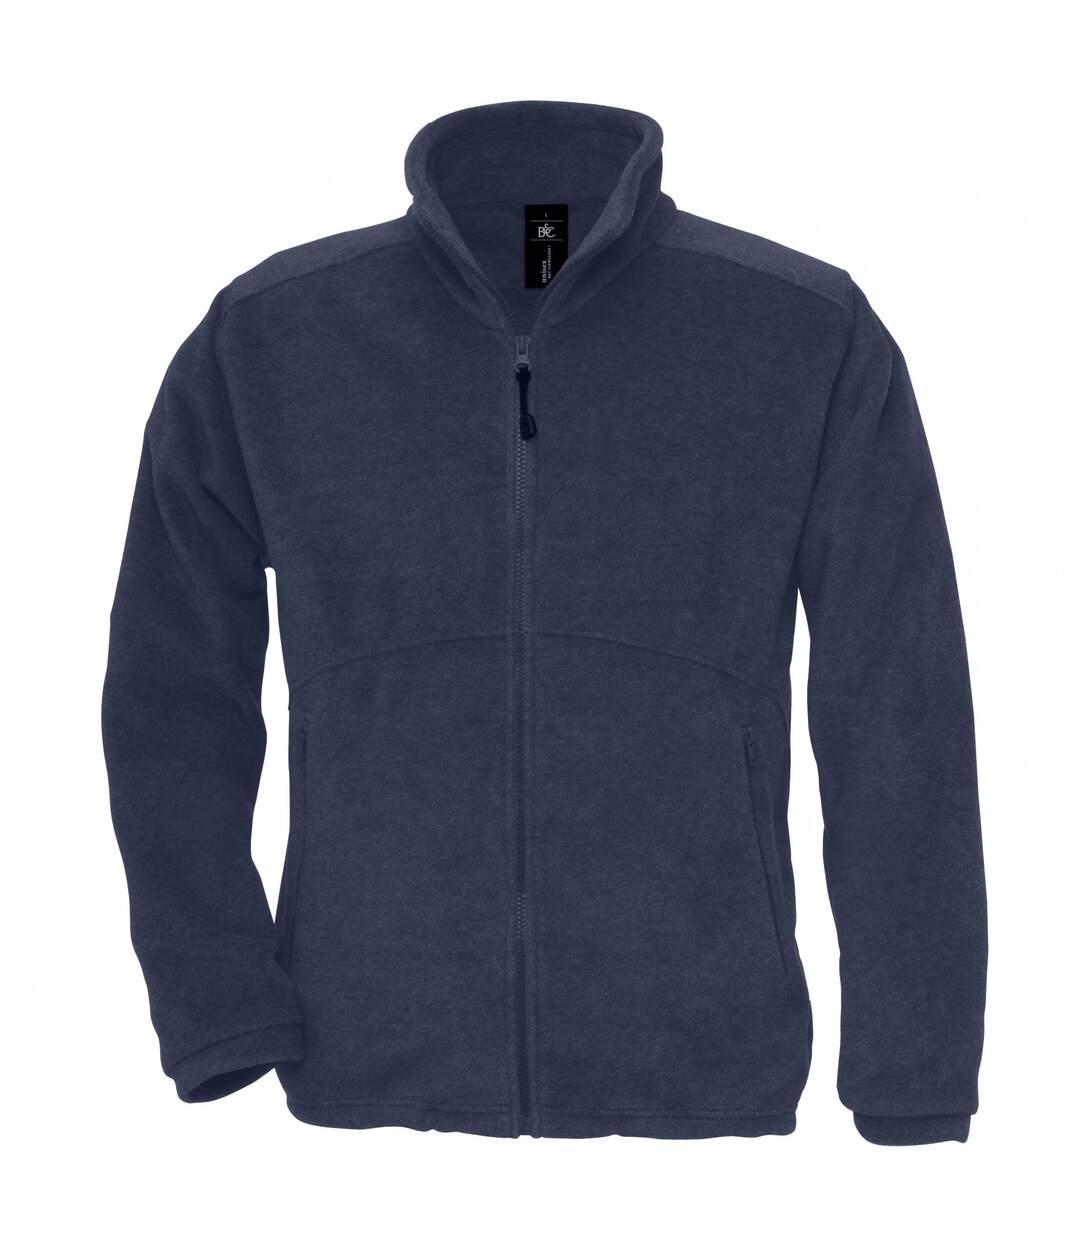 B&C Mens Icewalker+ Full Zip Fleece Top (Charcoal) - UTRW3030